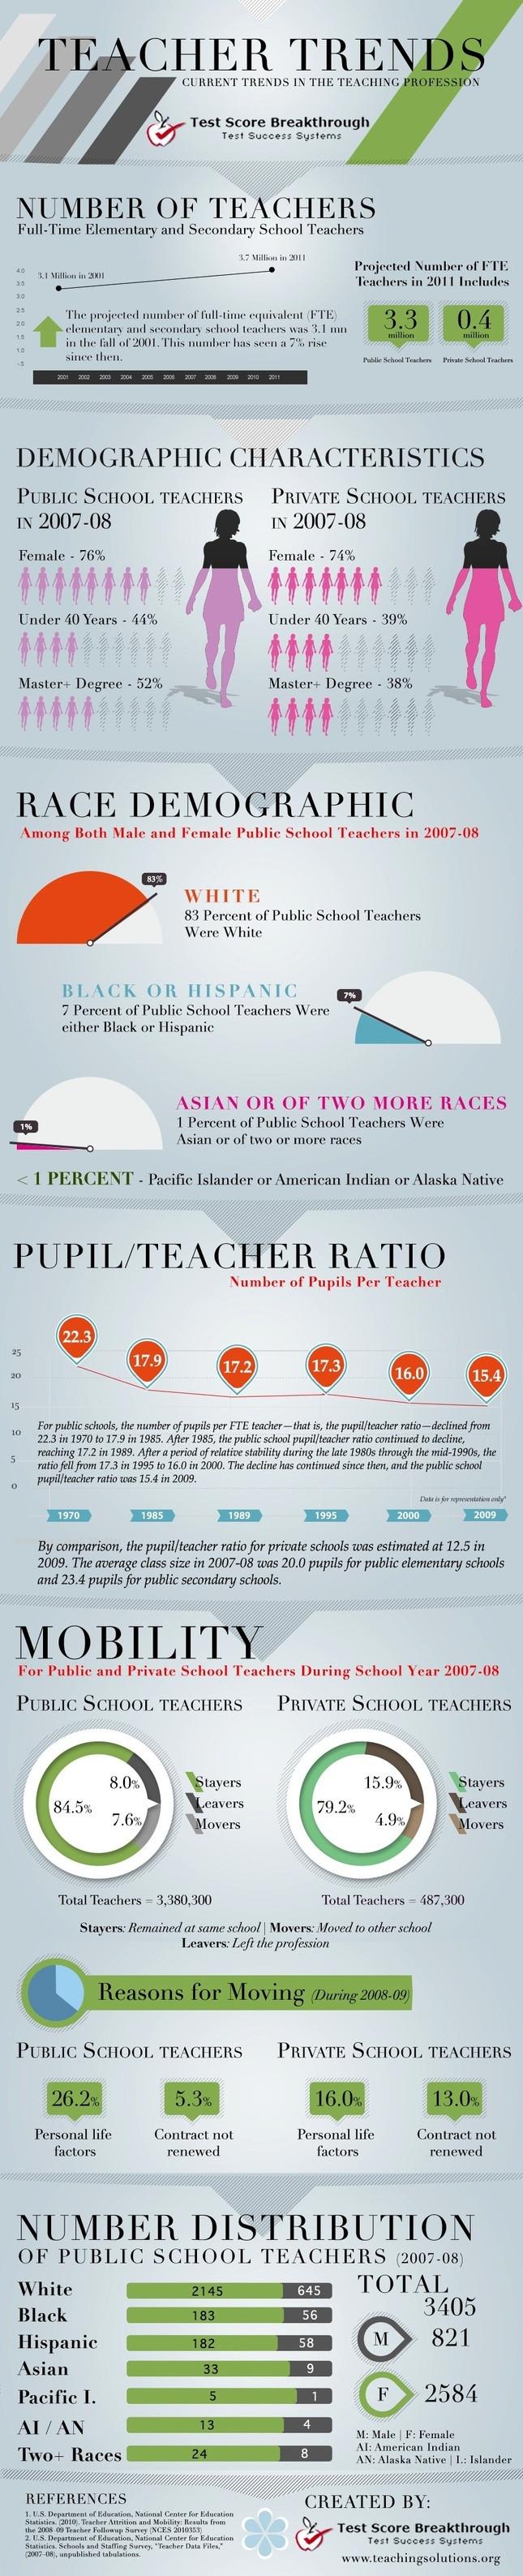 Tendencias sobre el profesorado en Estados Unidos